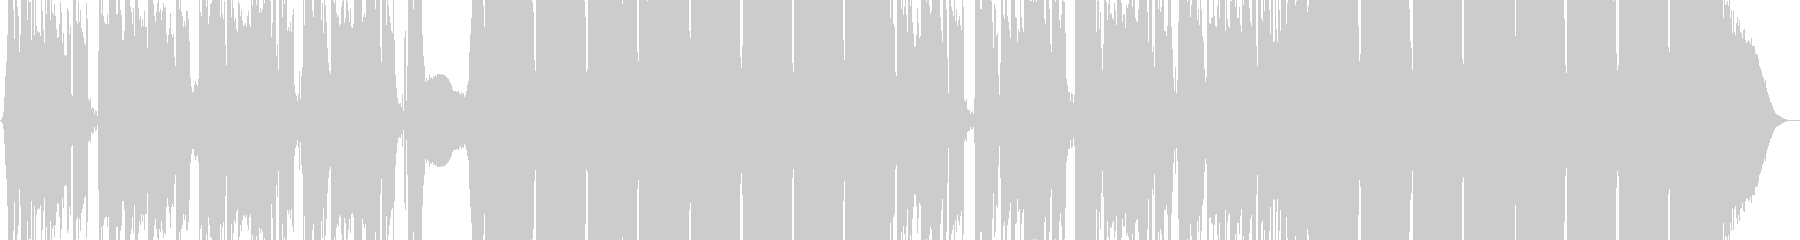 スタイリッシュな明るいロックの未再生の波形